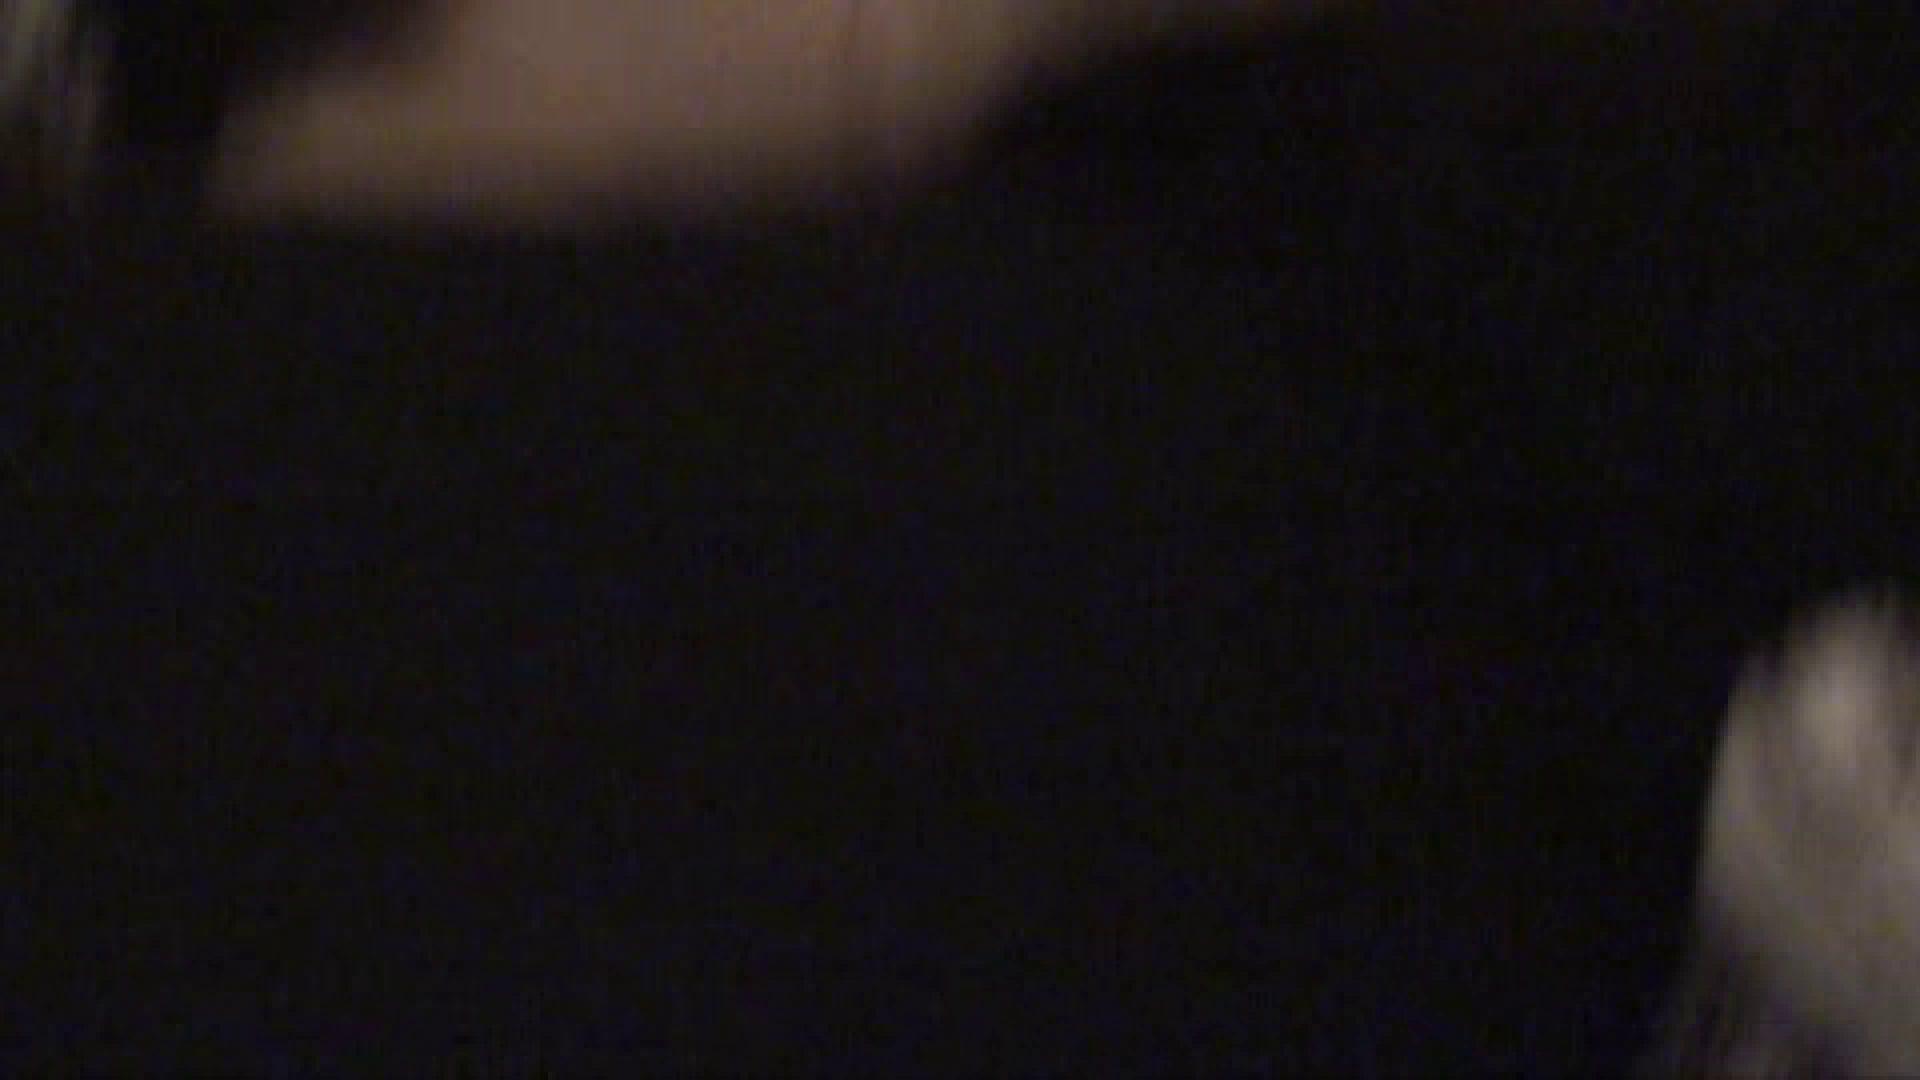 独占配信! ●罪証拠DVD 起きません! vol.13 悪戯 ぱこり動画紹介 94連発 51